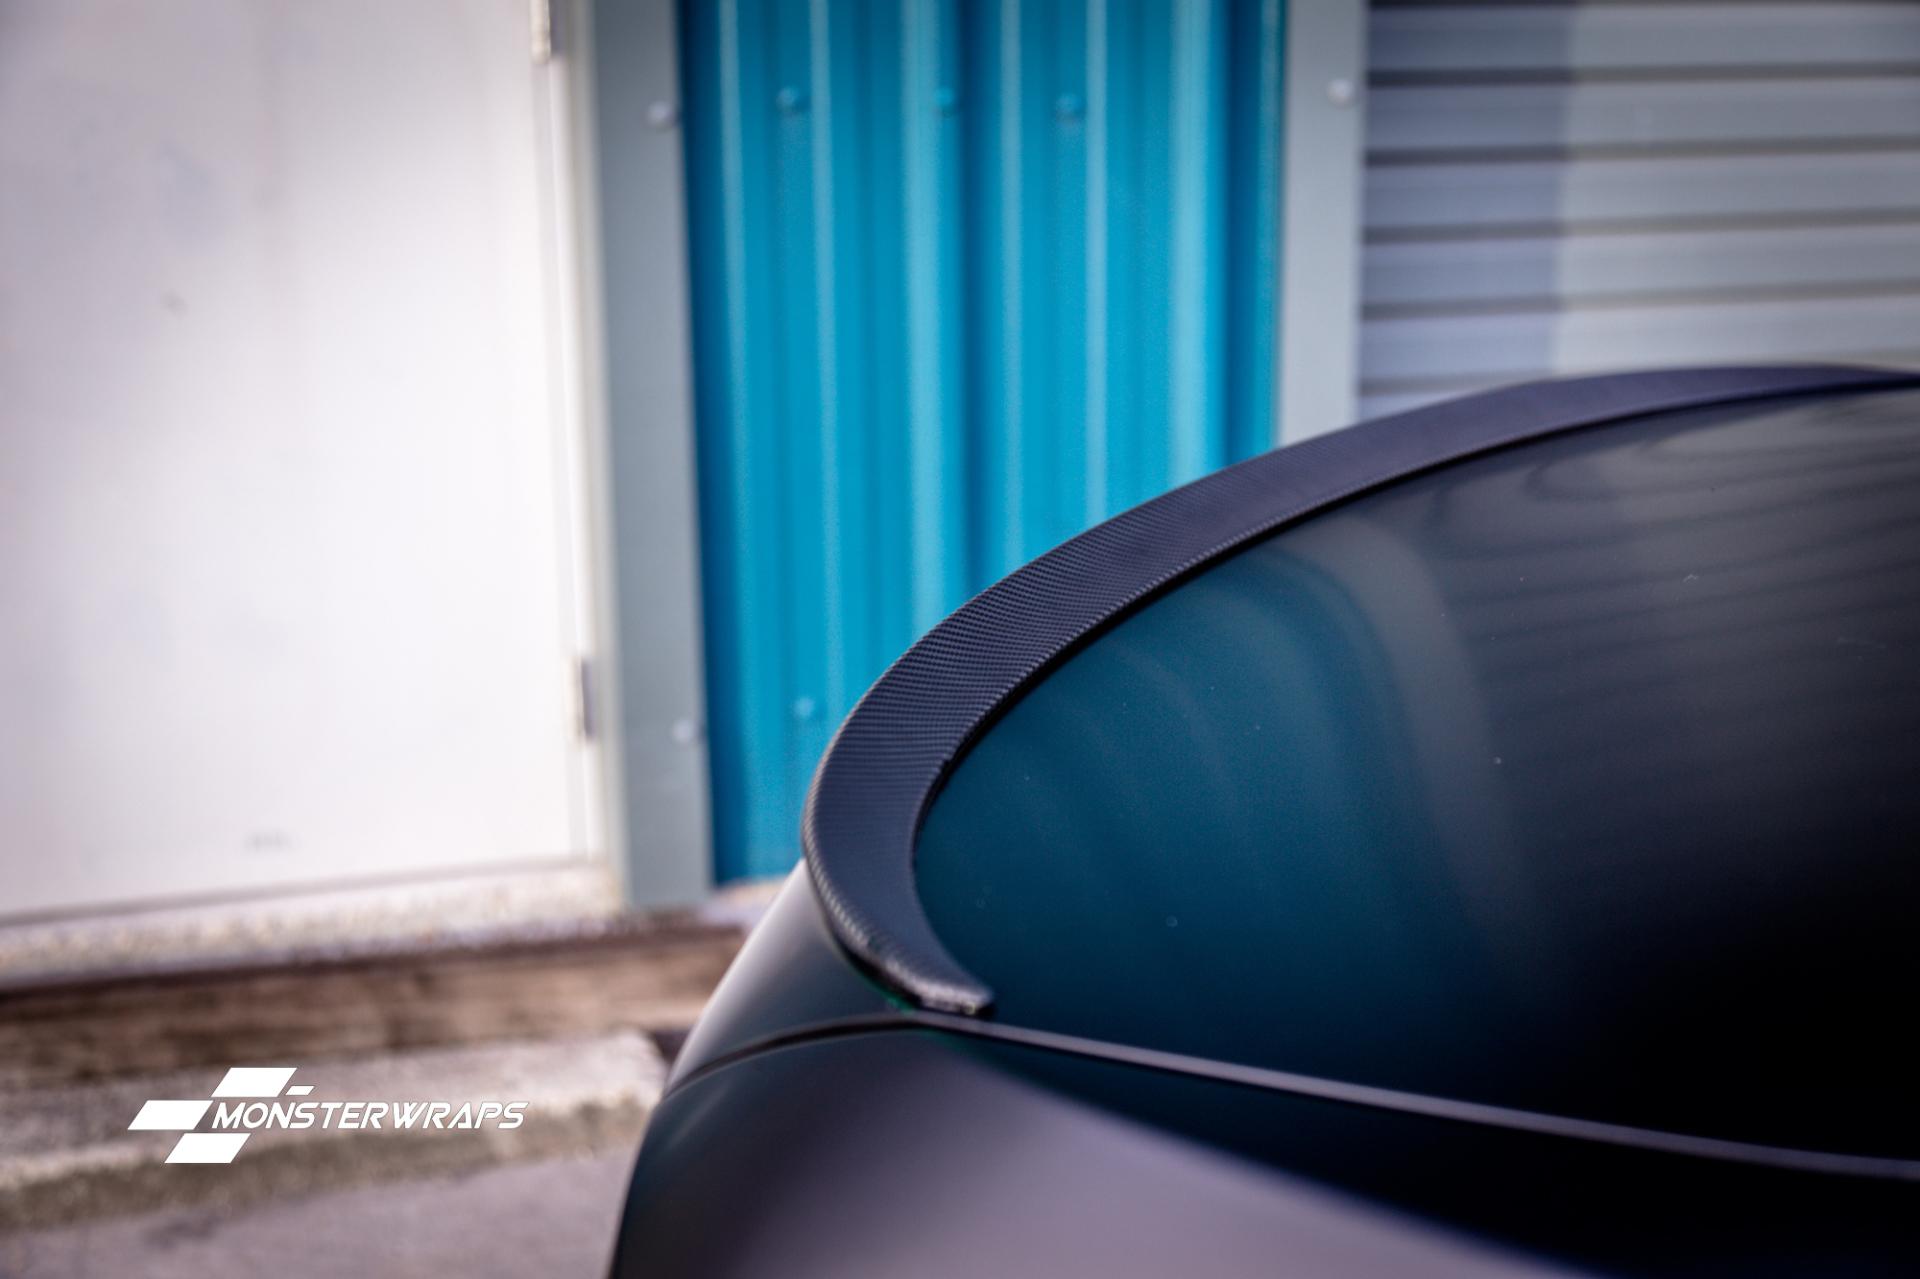 BMW 3 Series e90 Satin black wrap monsterwraps southampton